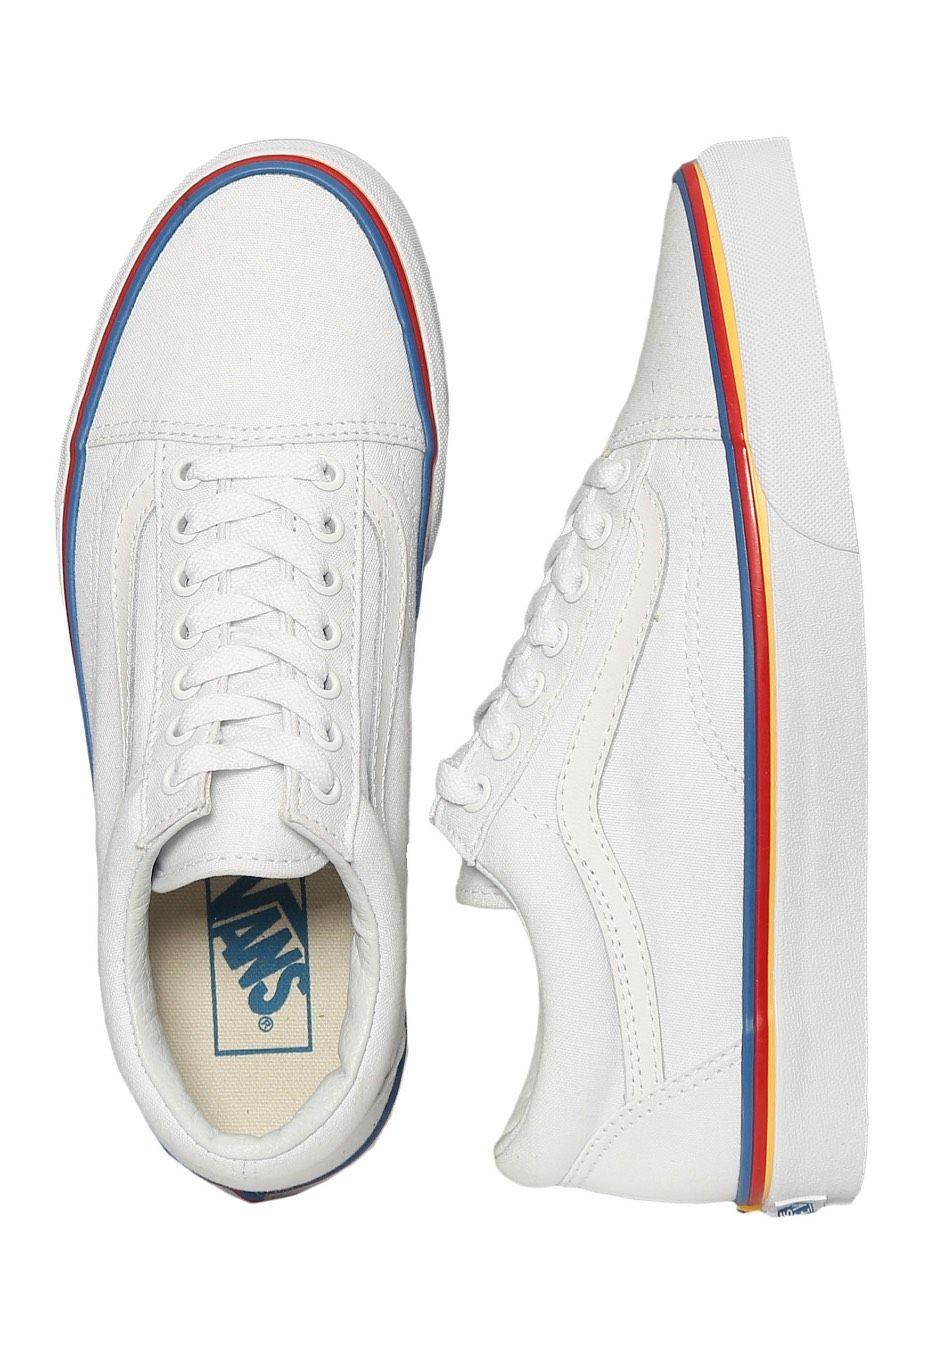 Vans Old Skool Rainbow Foxing True White Girl Schuhe Im Impericon Shop Innerhalb Von 24 Stunden Versand White Shoes For Girls Rainbow Vans Vans Old Skool